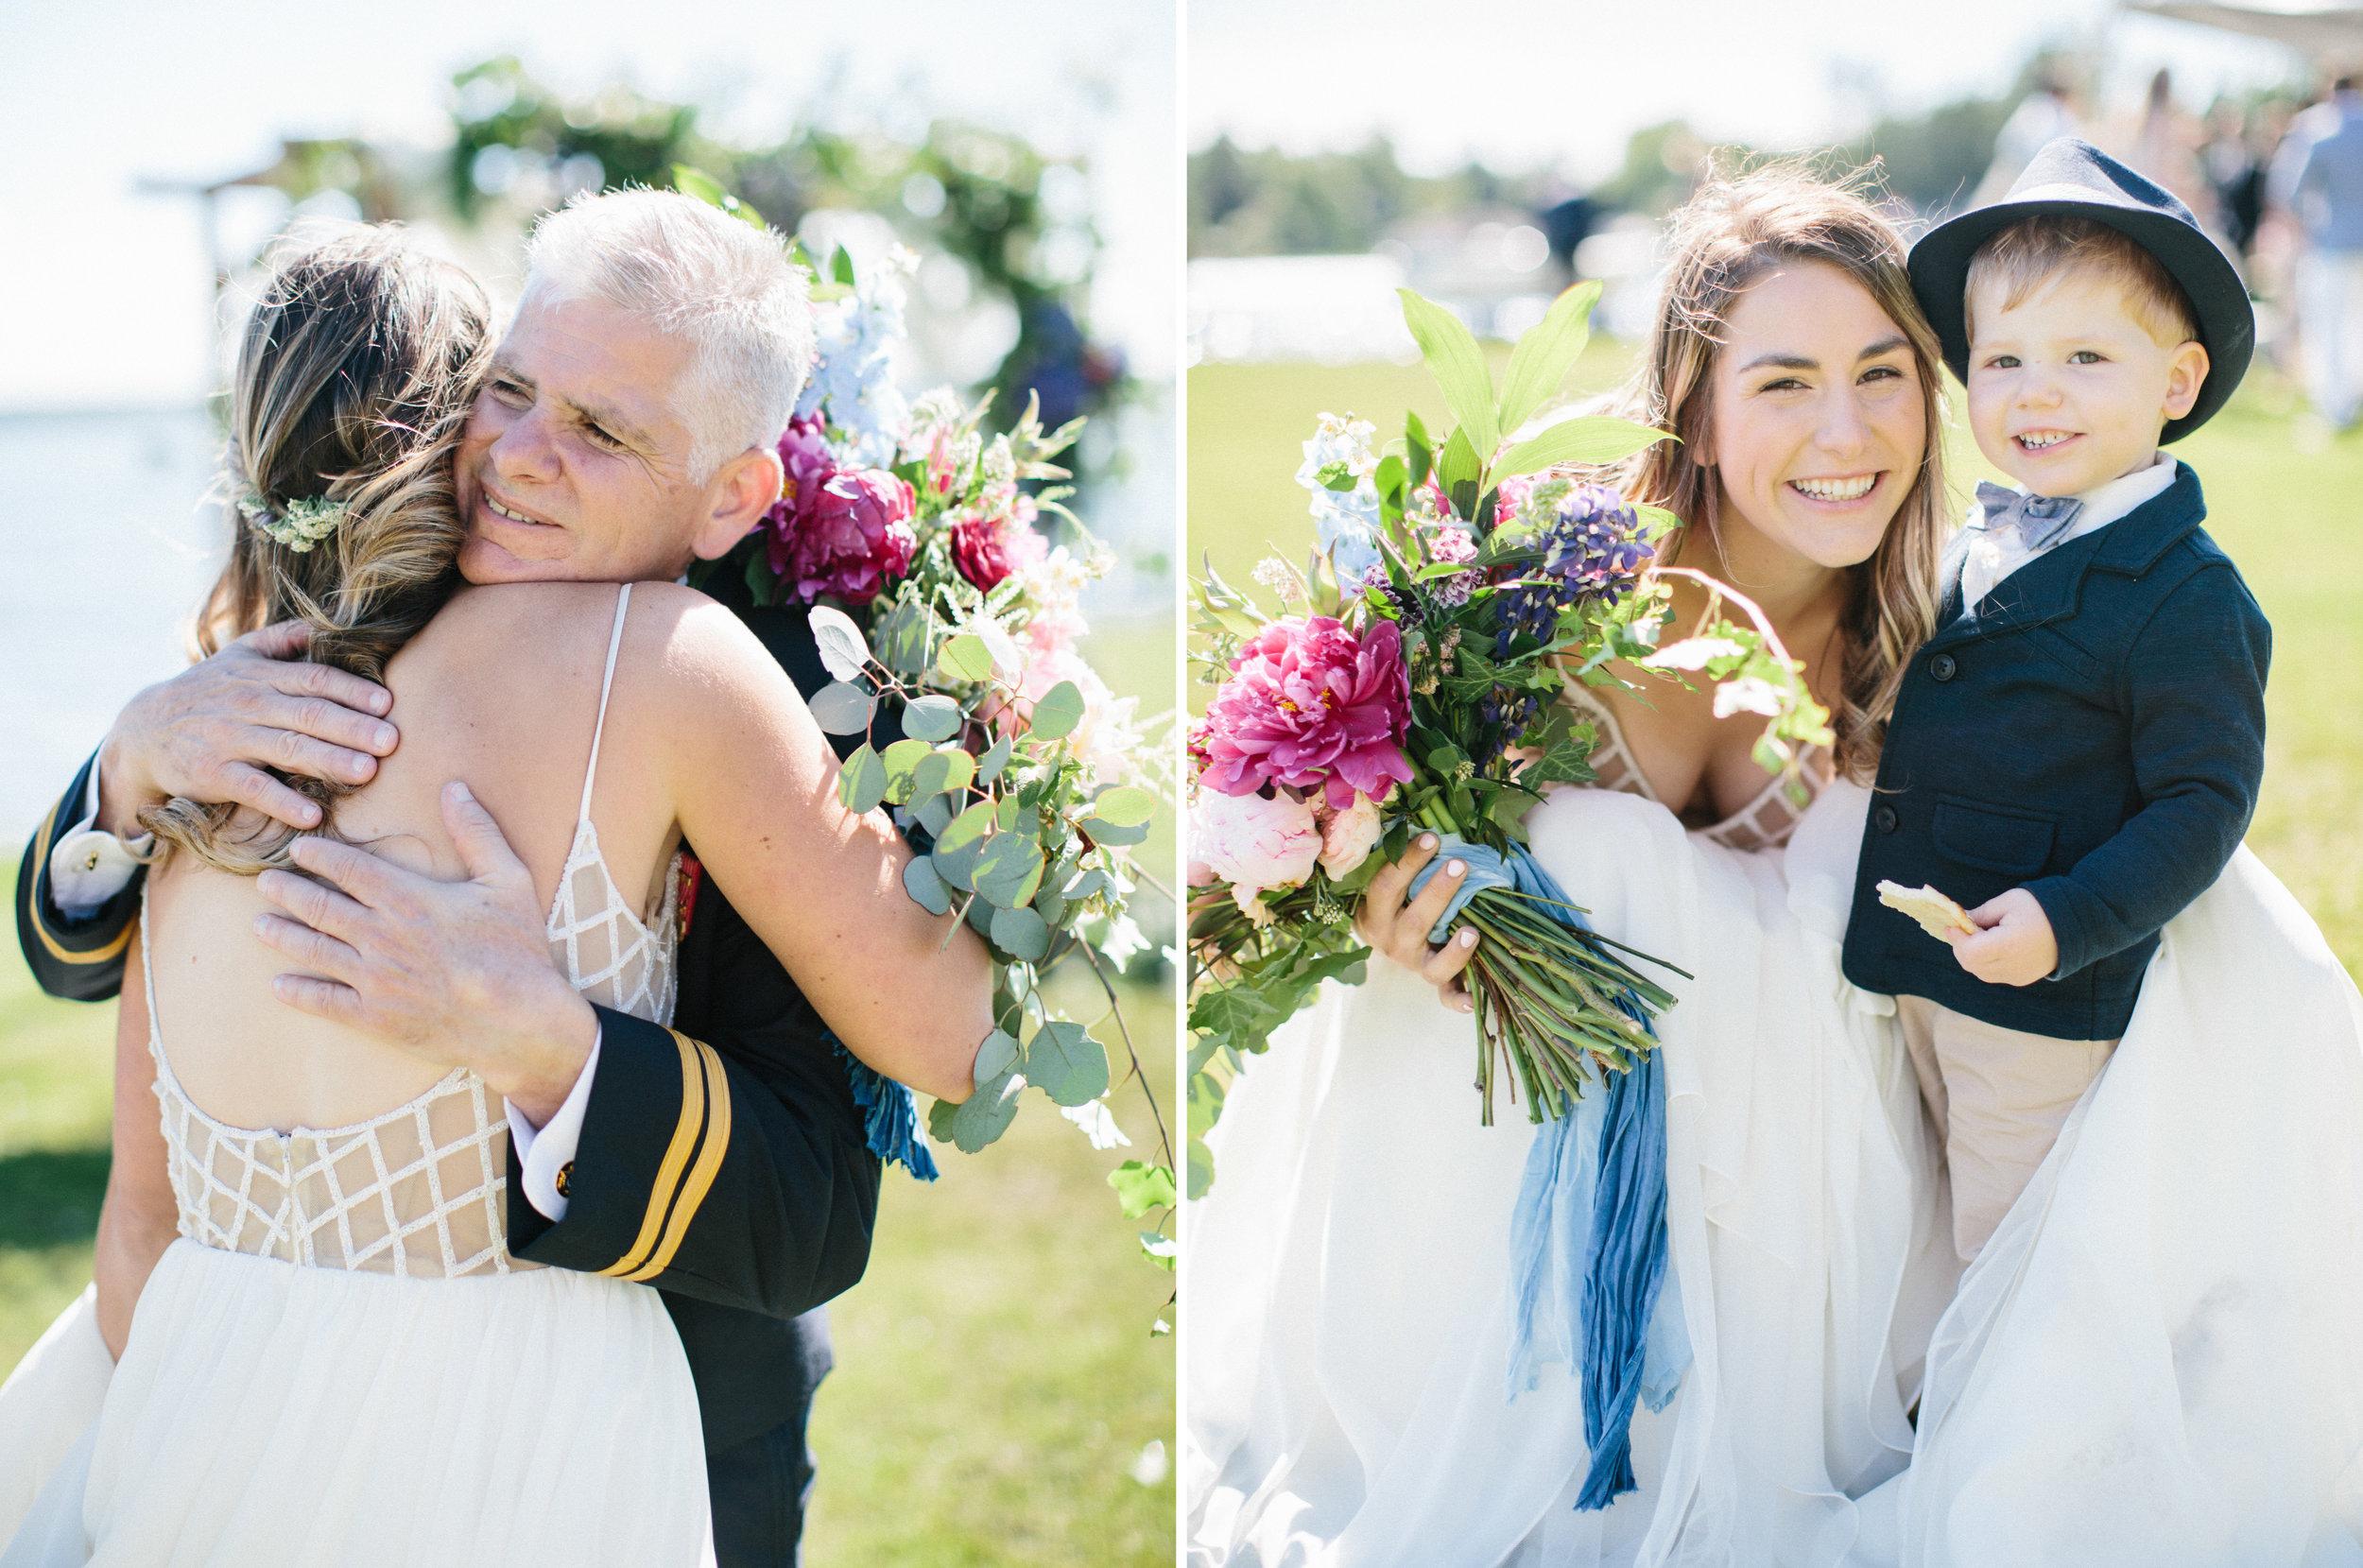 toronto_wedding_photographer_backyard_wedding4.jpg